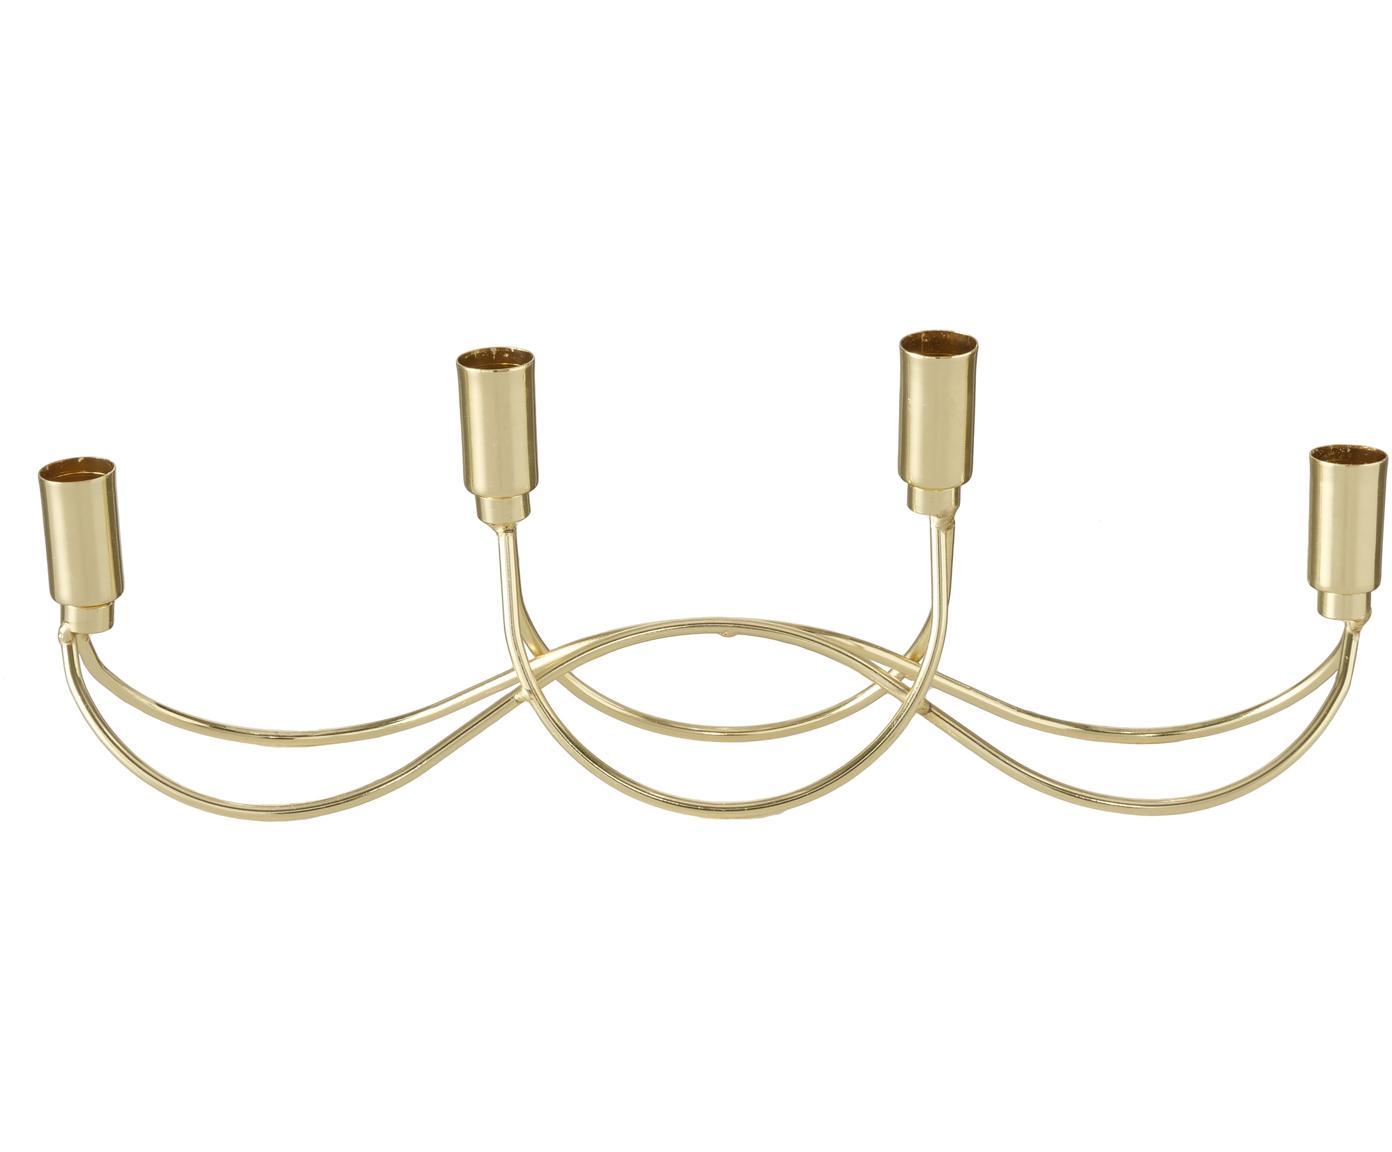 Świecznik Tapino, Metal malowany proszkowo, Odcienie złotego, S 39 x W 13 cm